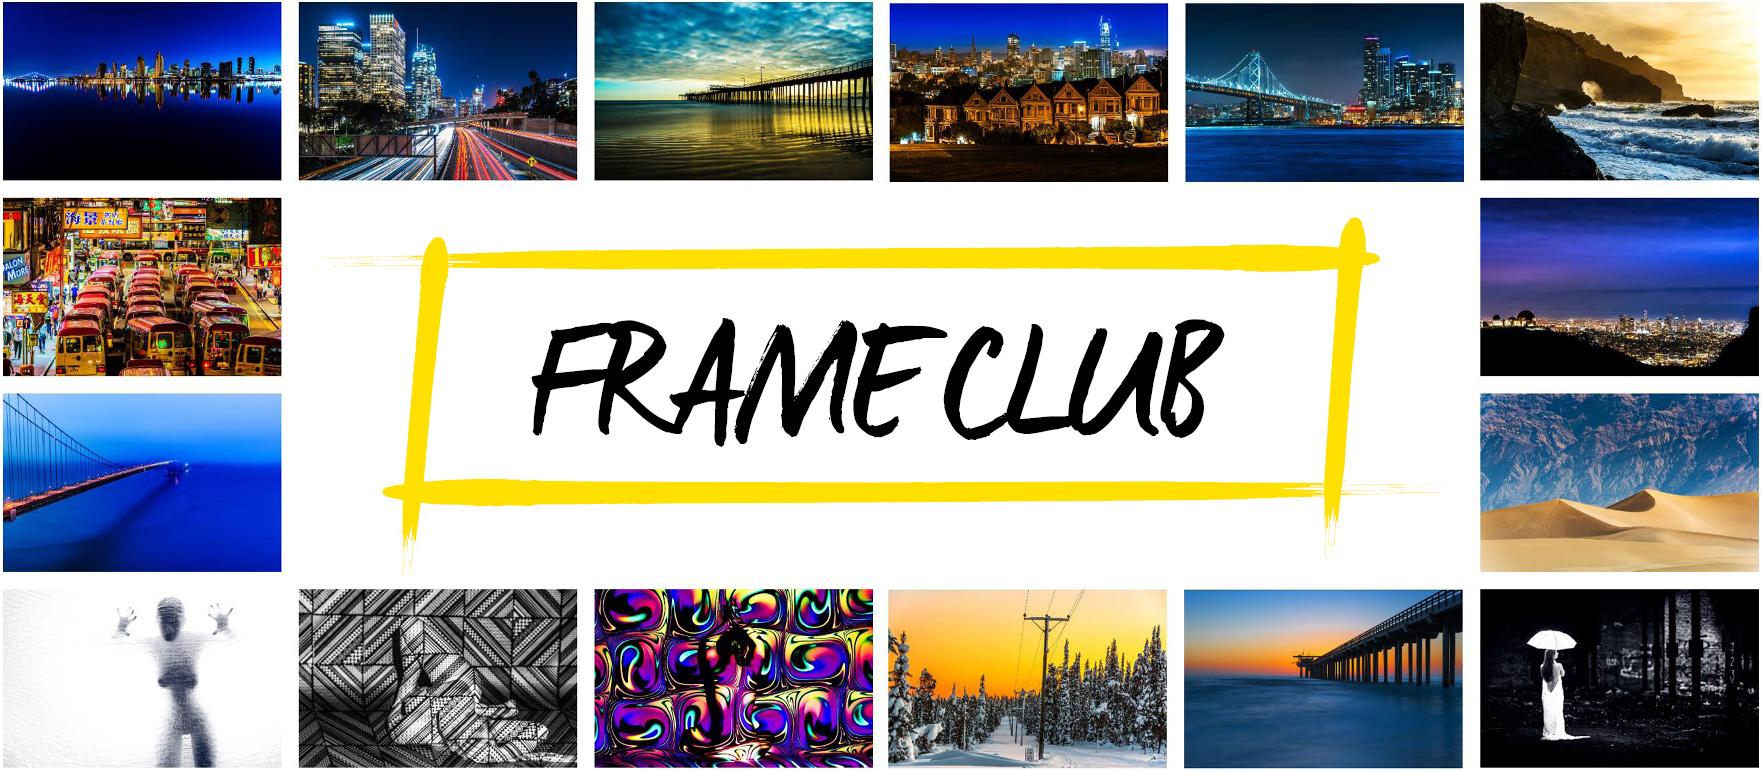 Frame Club